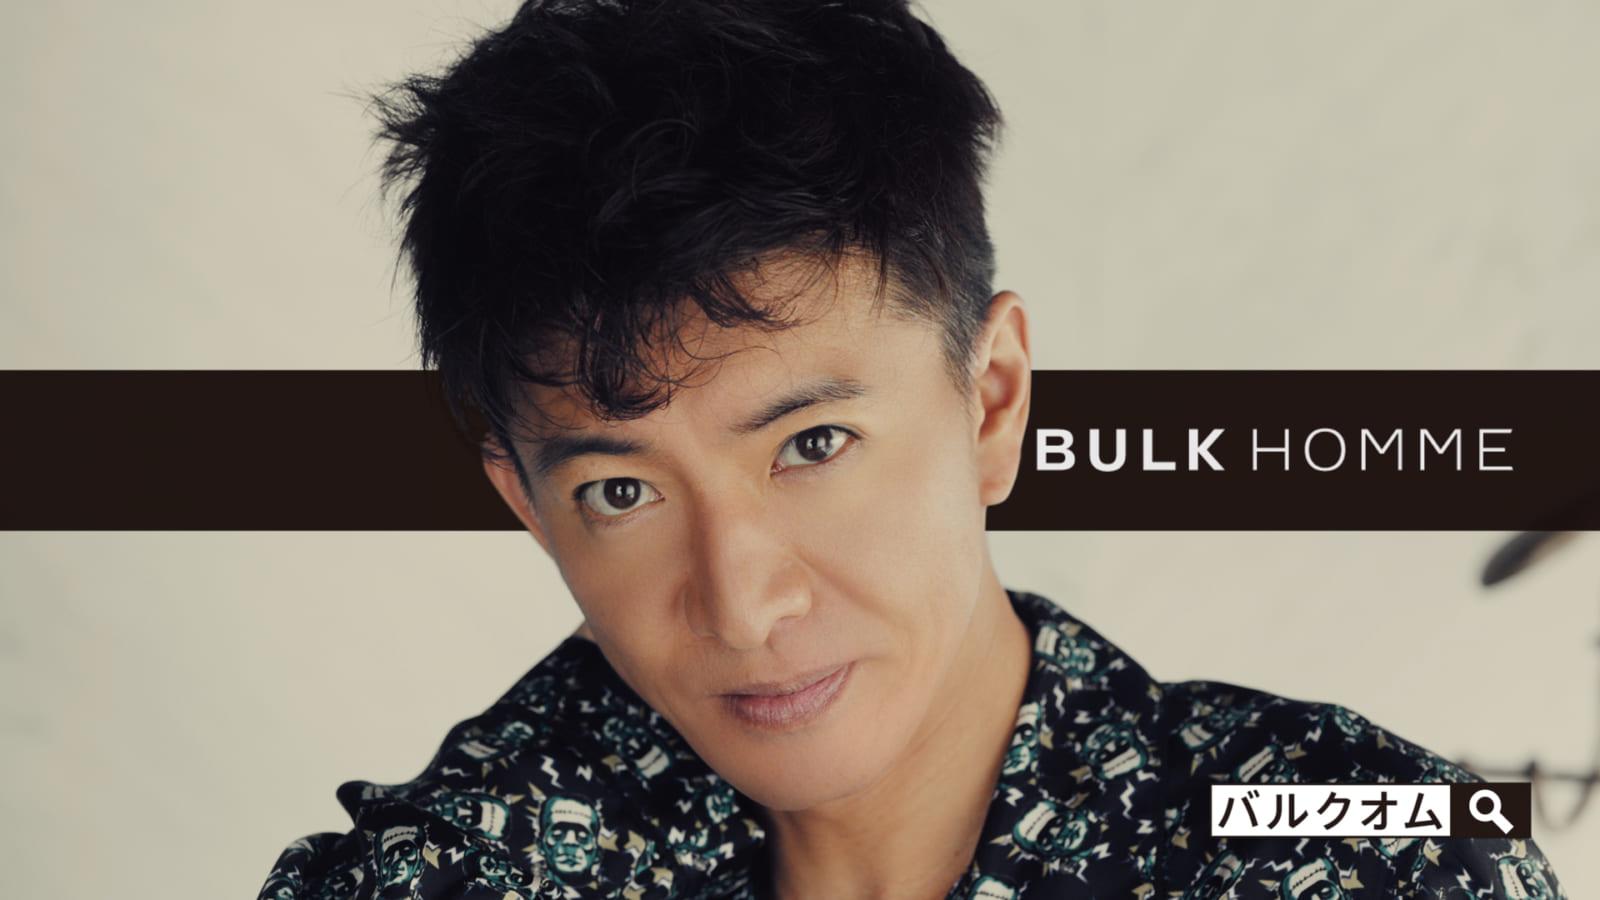 木村拓哉のCM撮影エピソード!化粧水の使い方に驚く「みんなやってるの?」<「BULK HOMME」新TVCM>